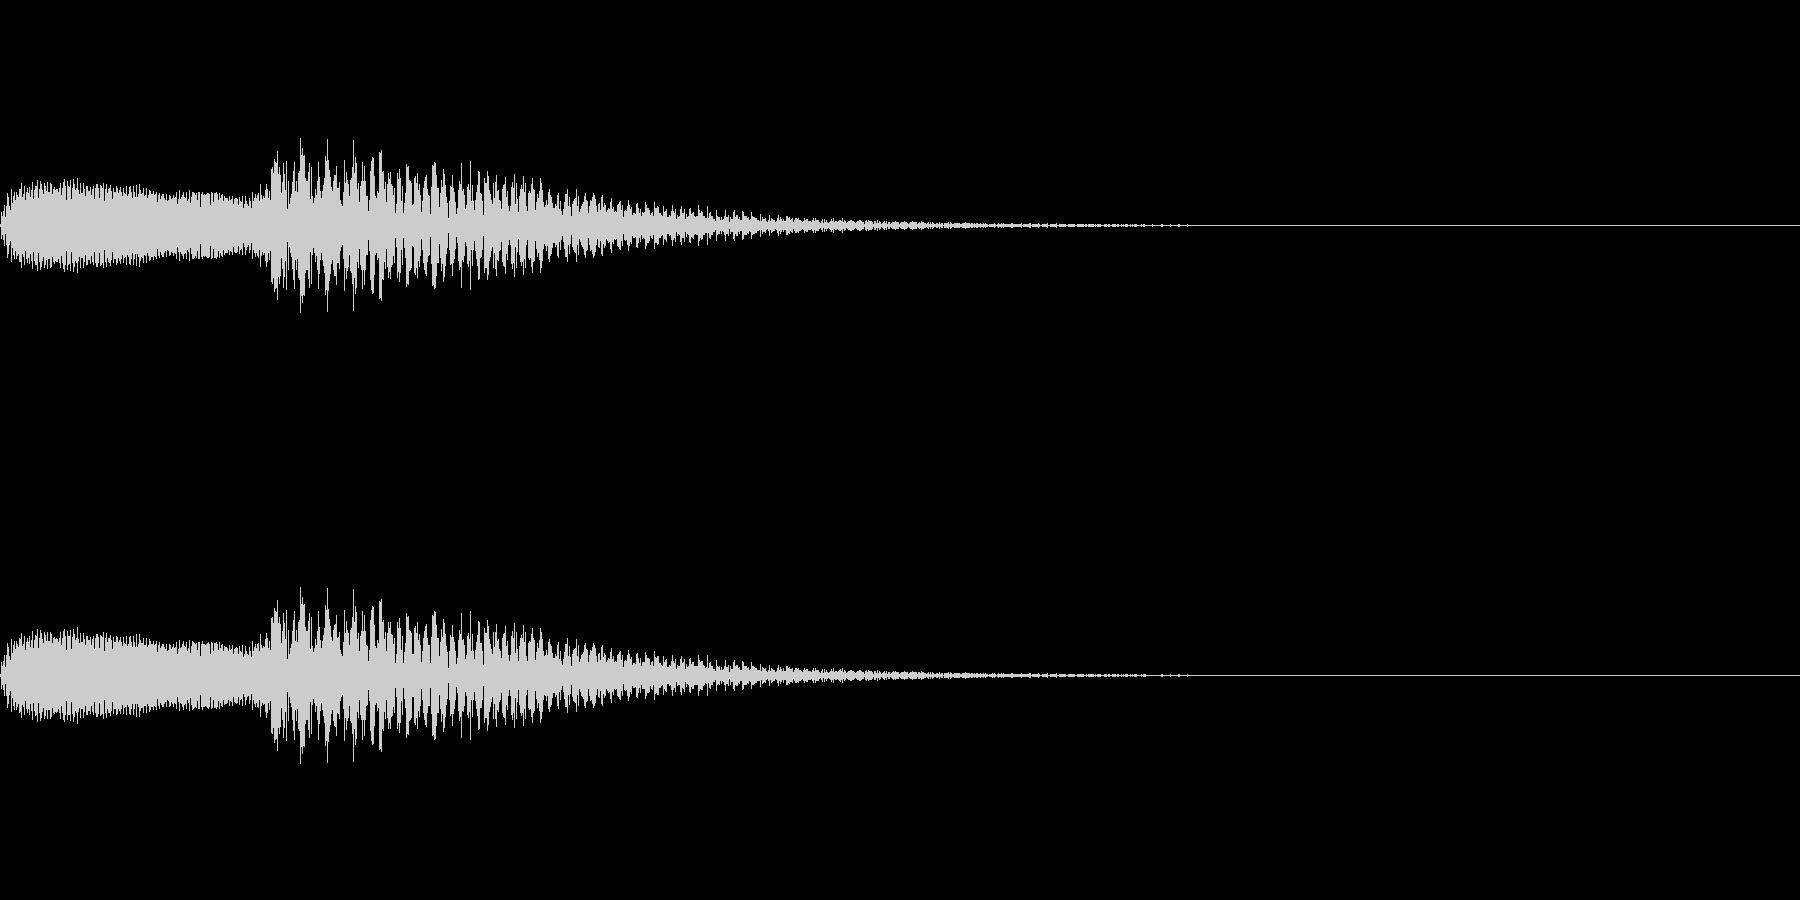 パパン(ピアノのエラー音)の未再生の波形